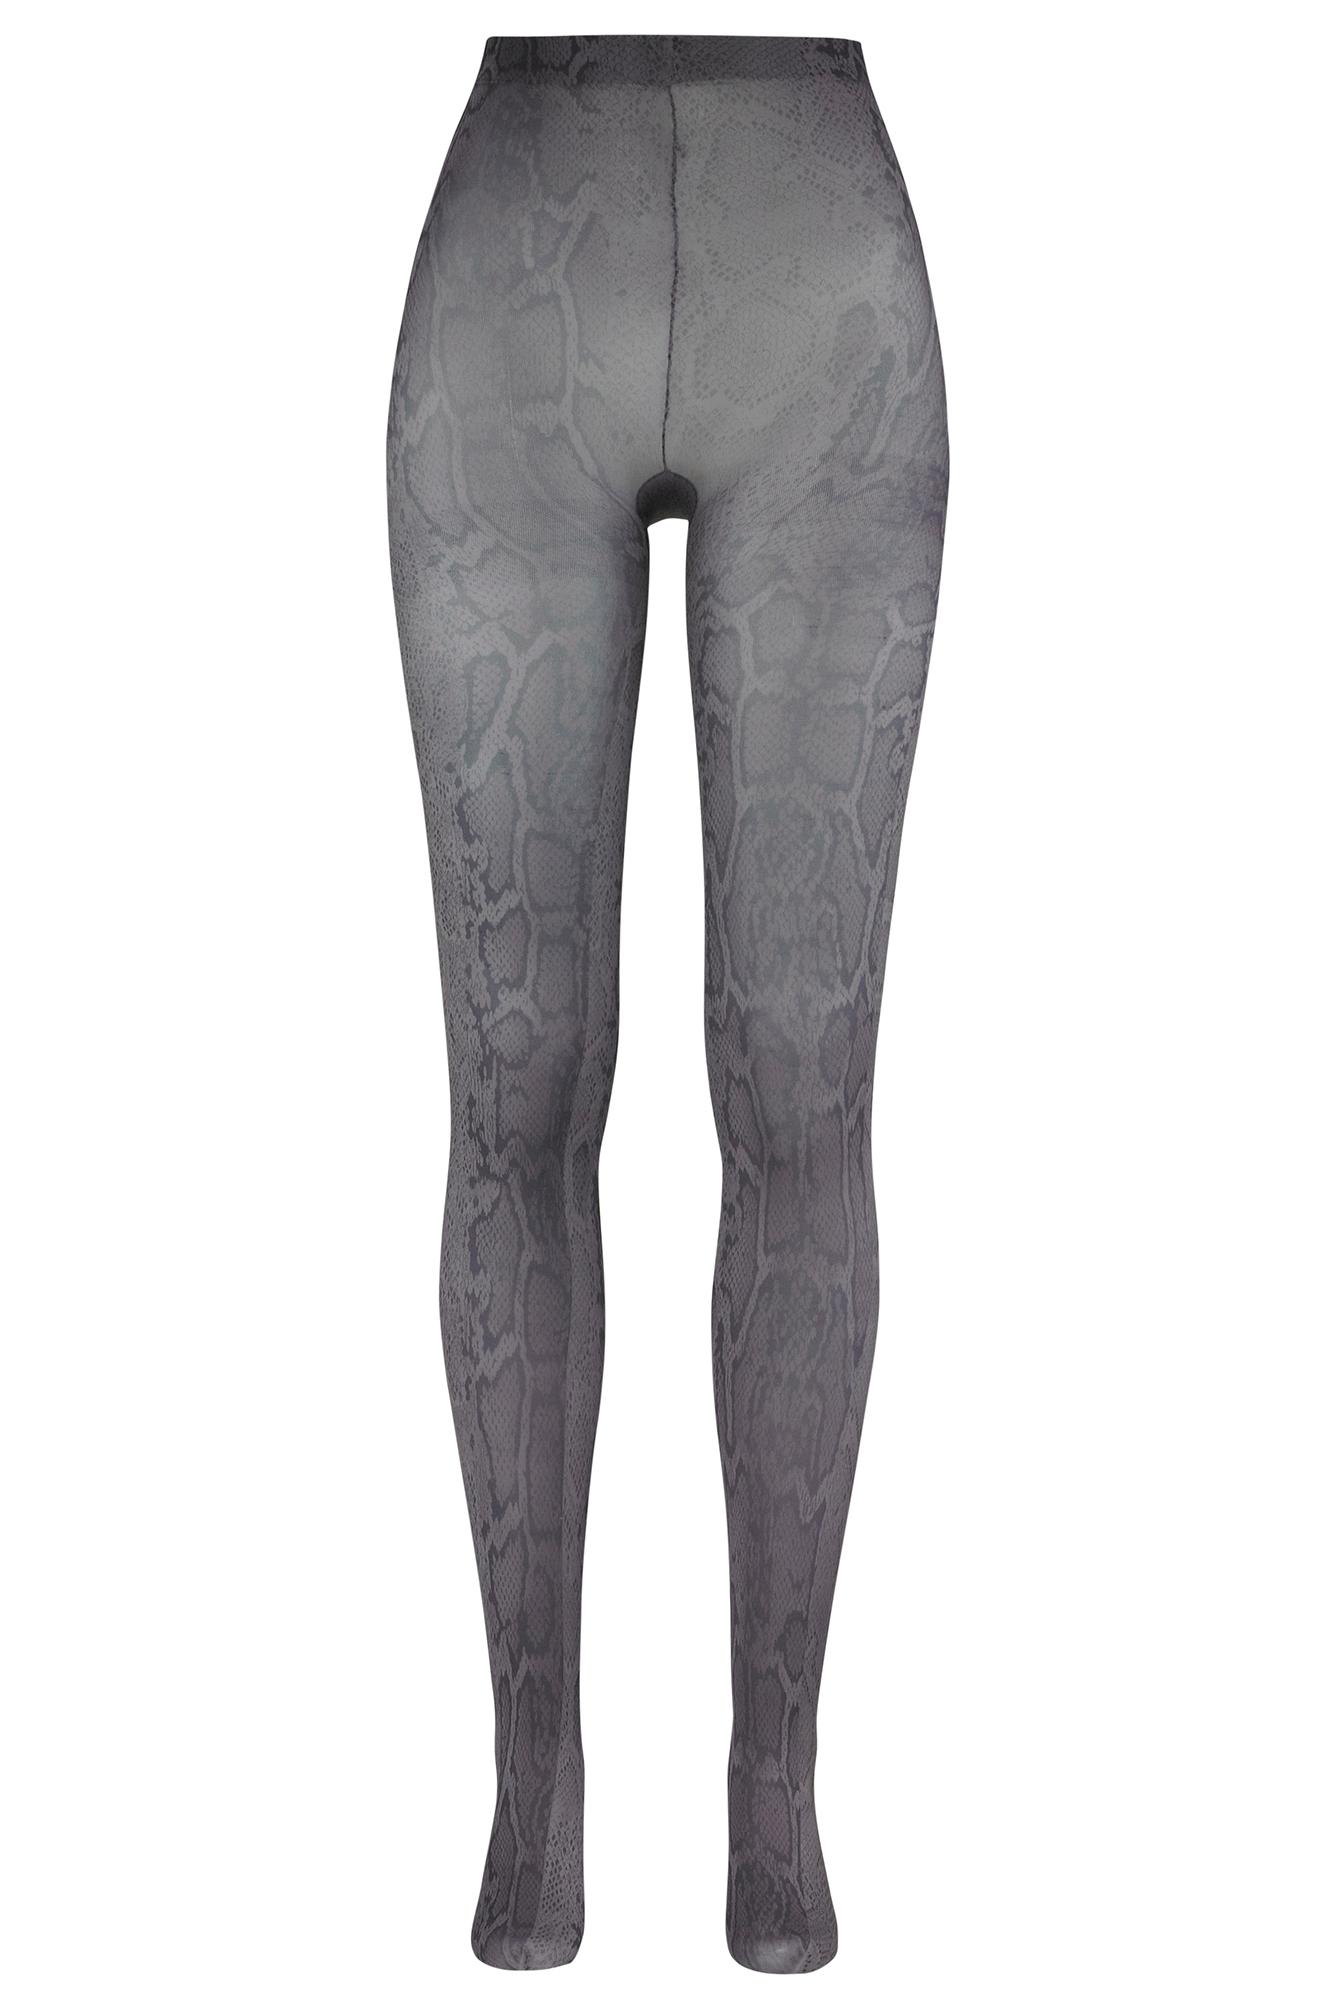 Strømpebuks Ellos Strømpebukser til Kvinder i Mønstret